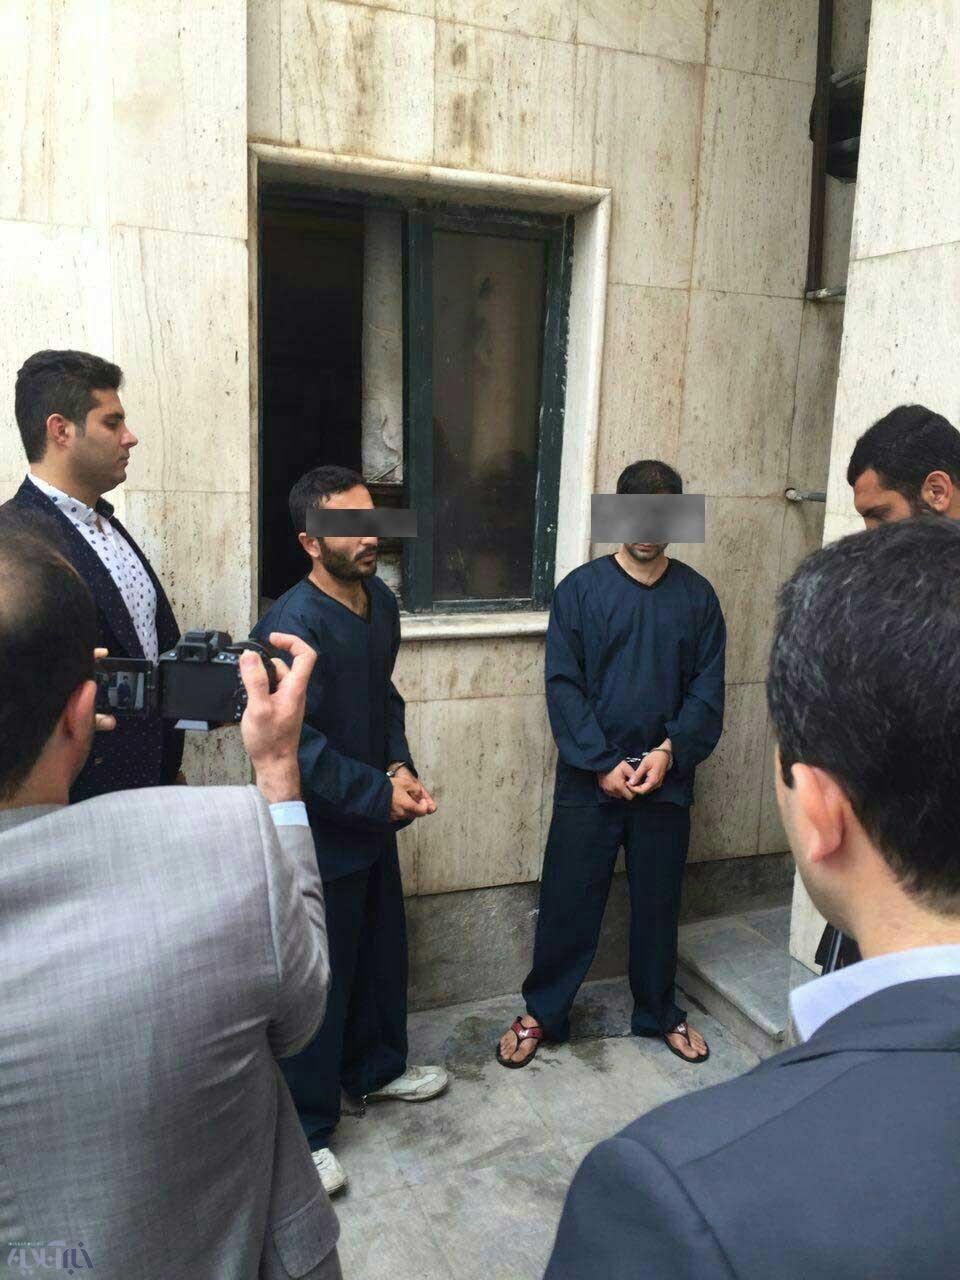 عکس   تصاویر دزدانی که دیوار بانک ملی را سوراخ کردند